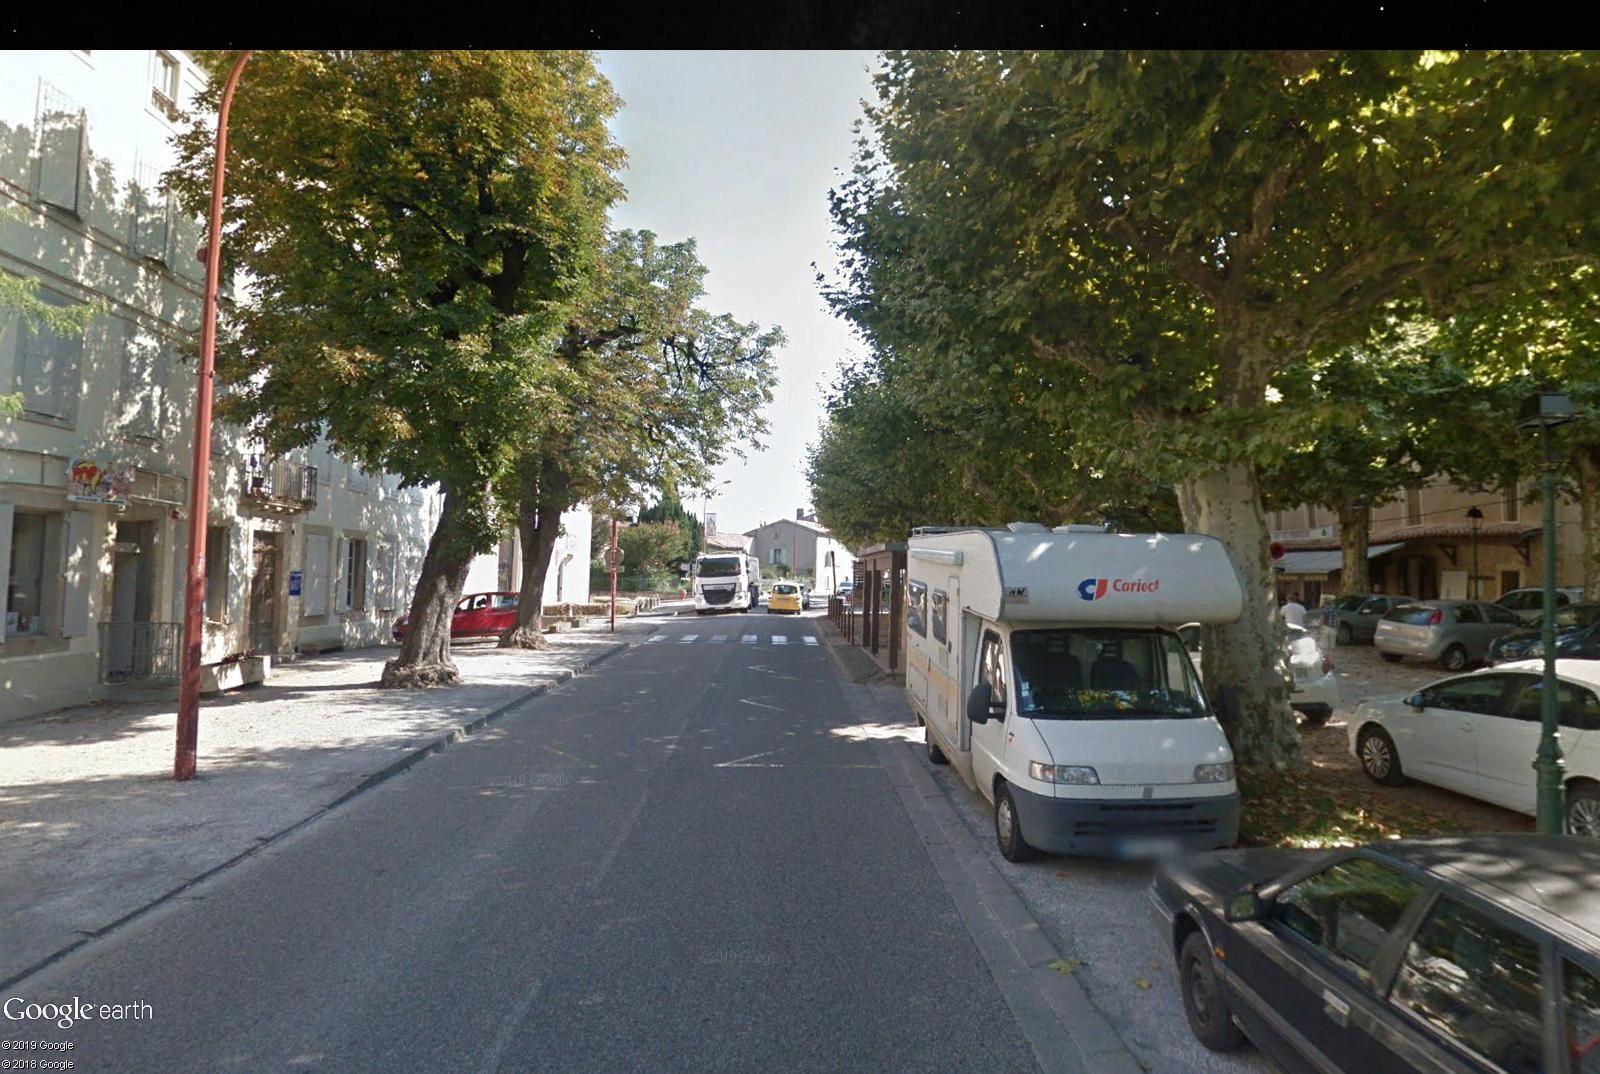 [résolu] Enlever cette fichue ligne jaune en street view - Page 2 Essai_11